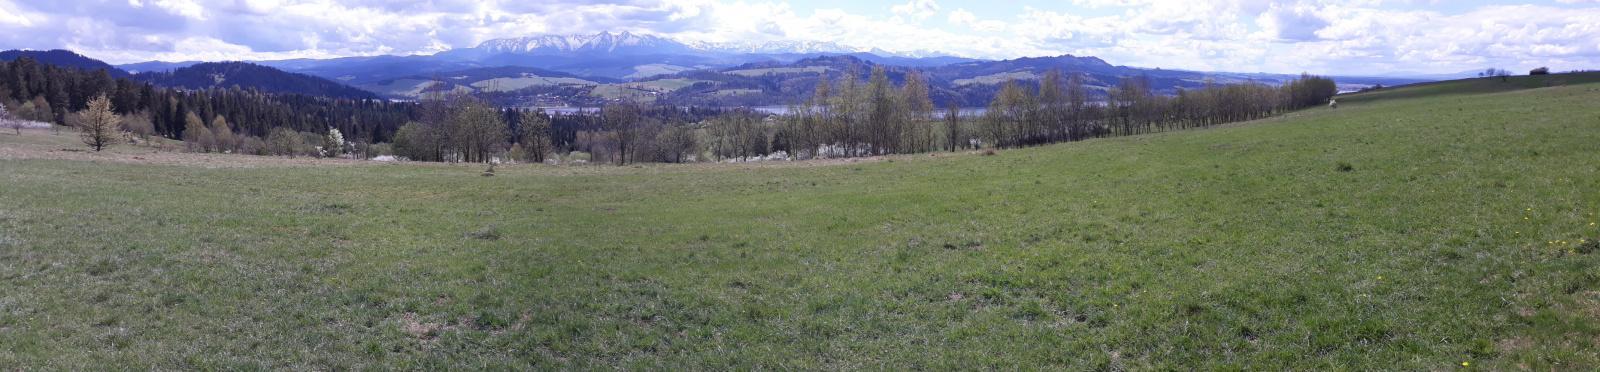 Tatras_20200502_pano.thumb.jpg.a42bdf01792f11142bb89d437249aa90.jpg